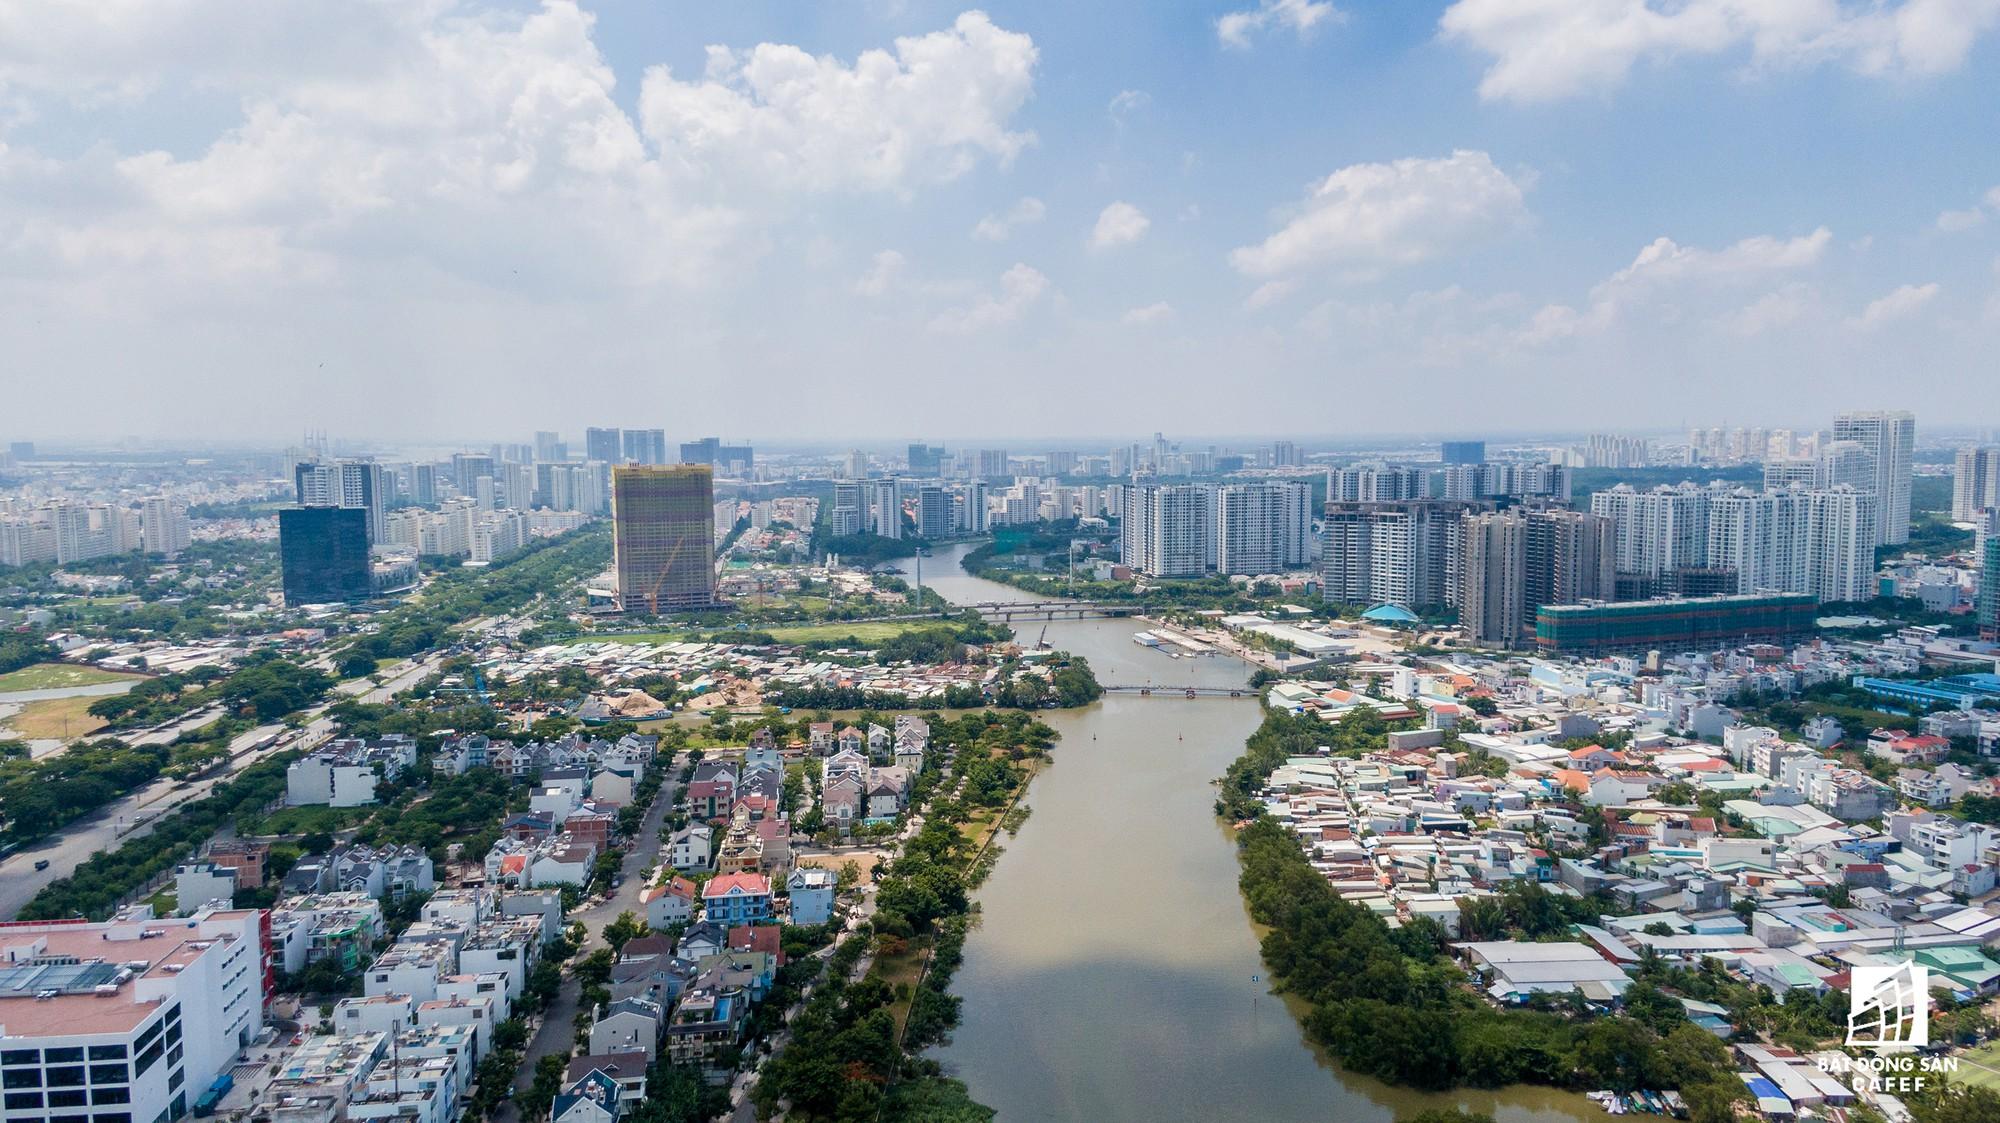 Toàn cảnh đại lộ tỷ đô đã tạo nên một thị trường bất động sản rất riêng cho khu Nam Sài Gòn - Ảnh 10.